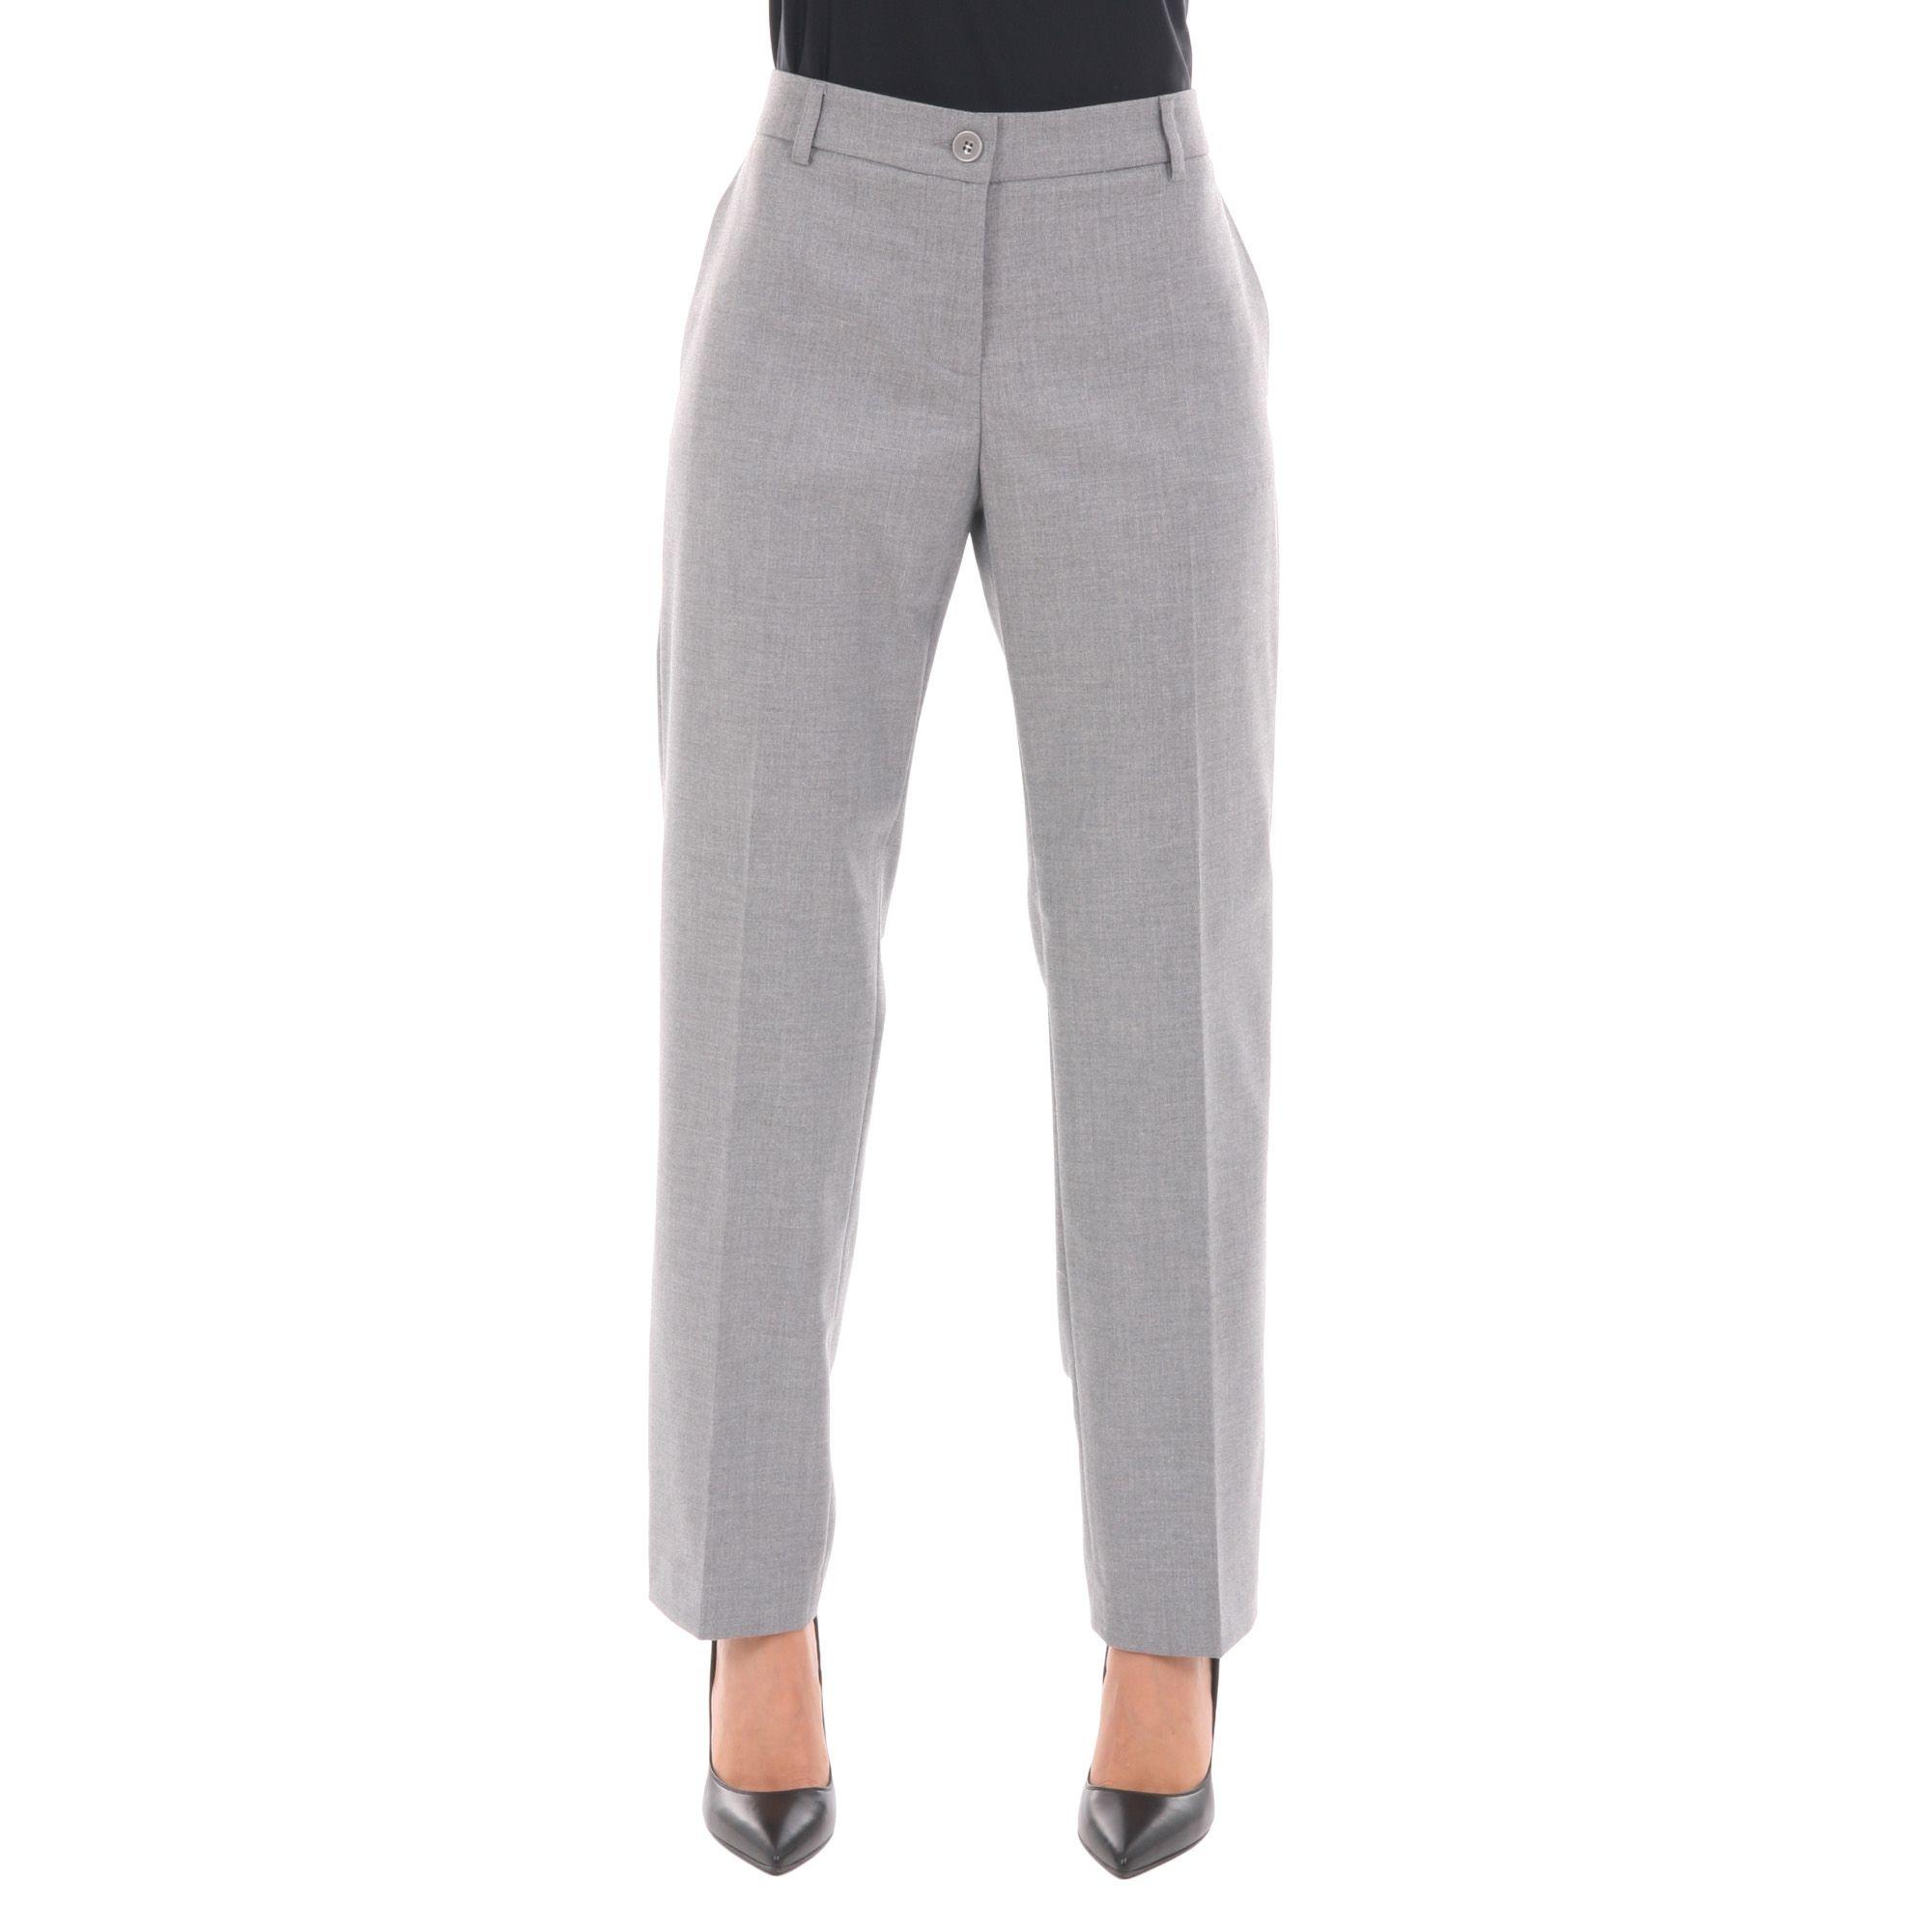 Blugirl Viscose Blend Trousers